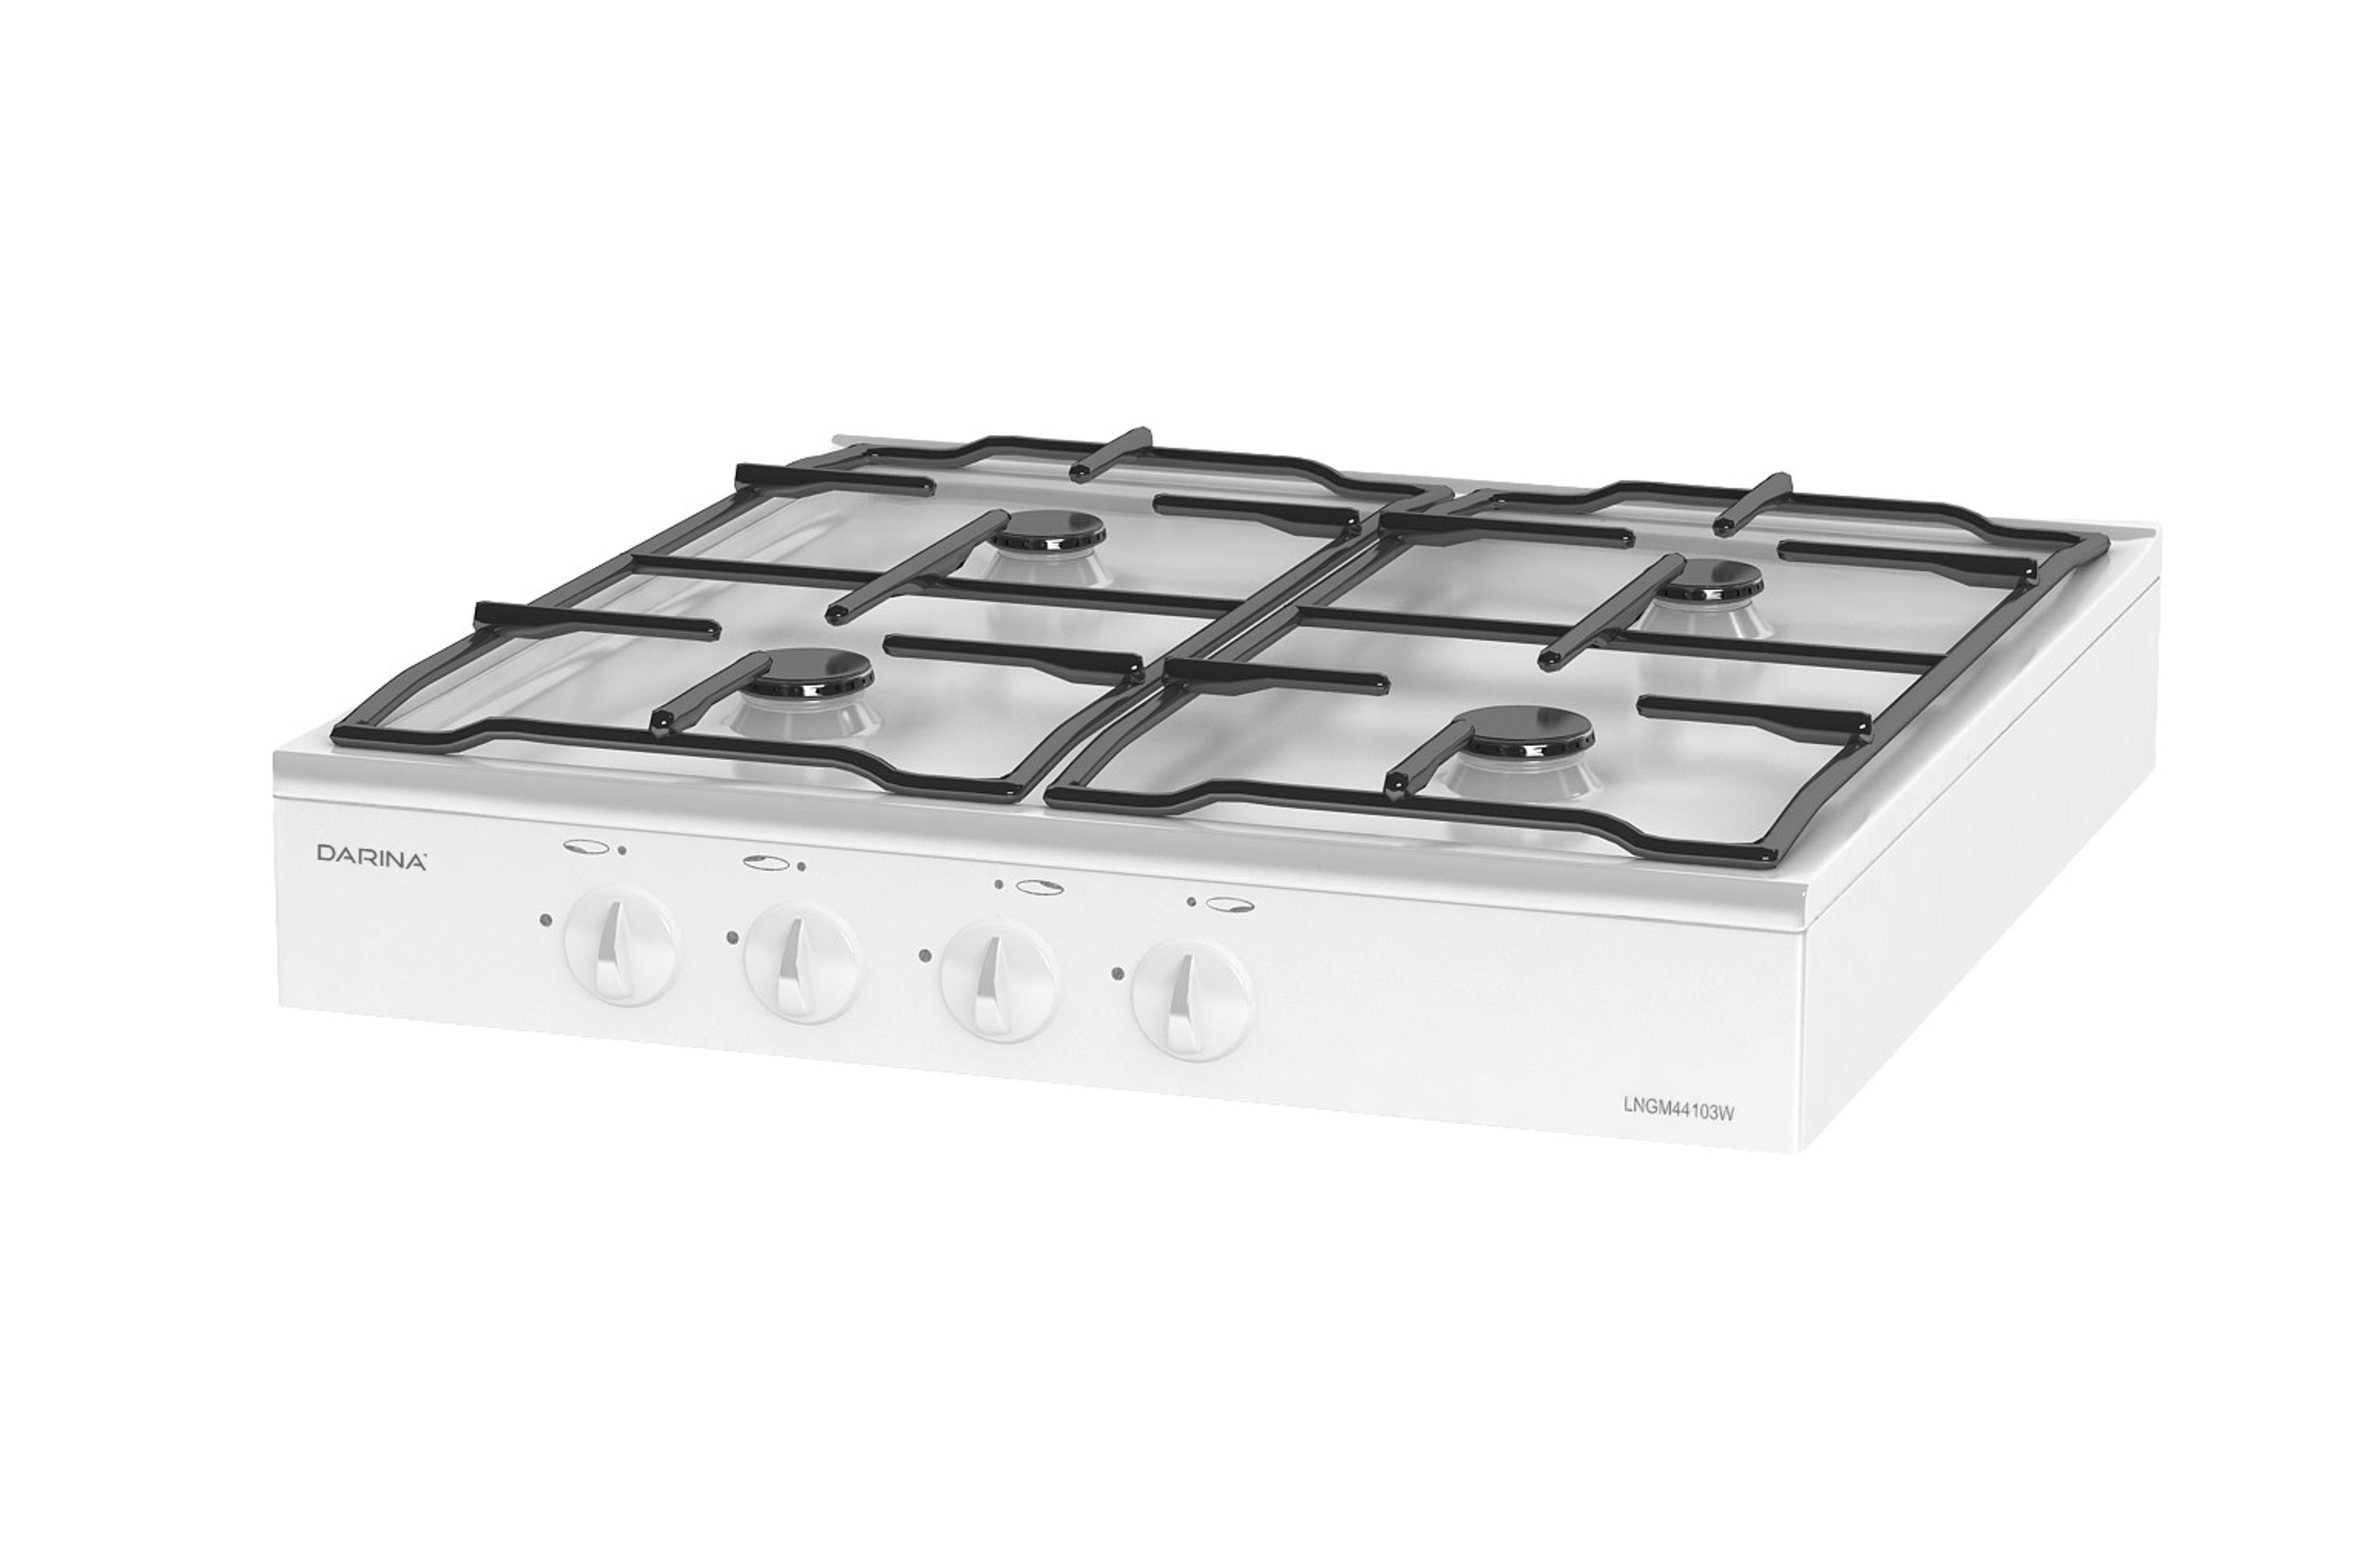 Darina L NGM 441 03 W, White плита газовая настольная - Плиты